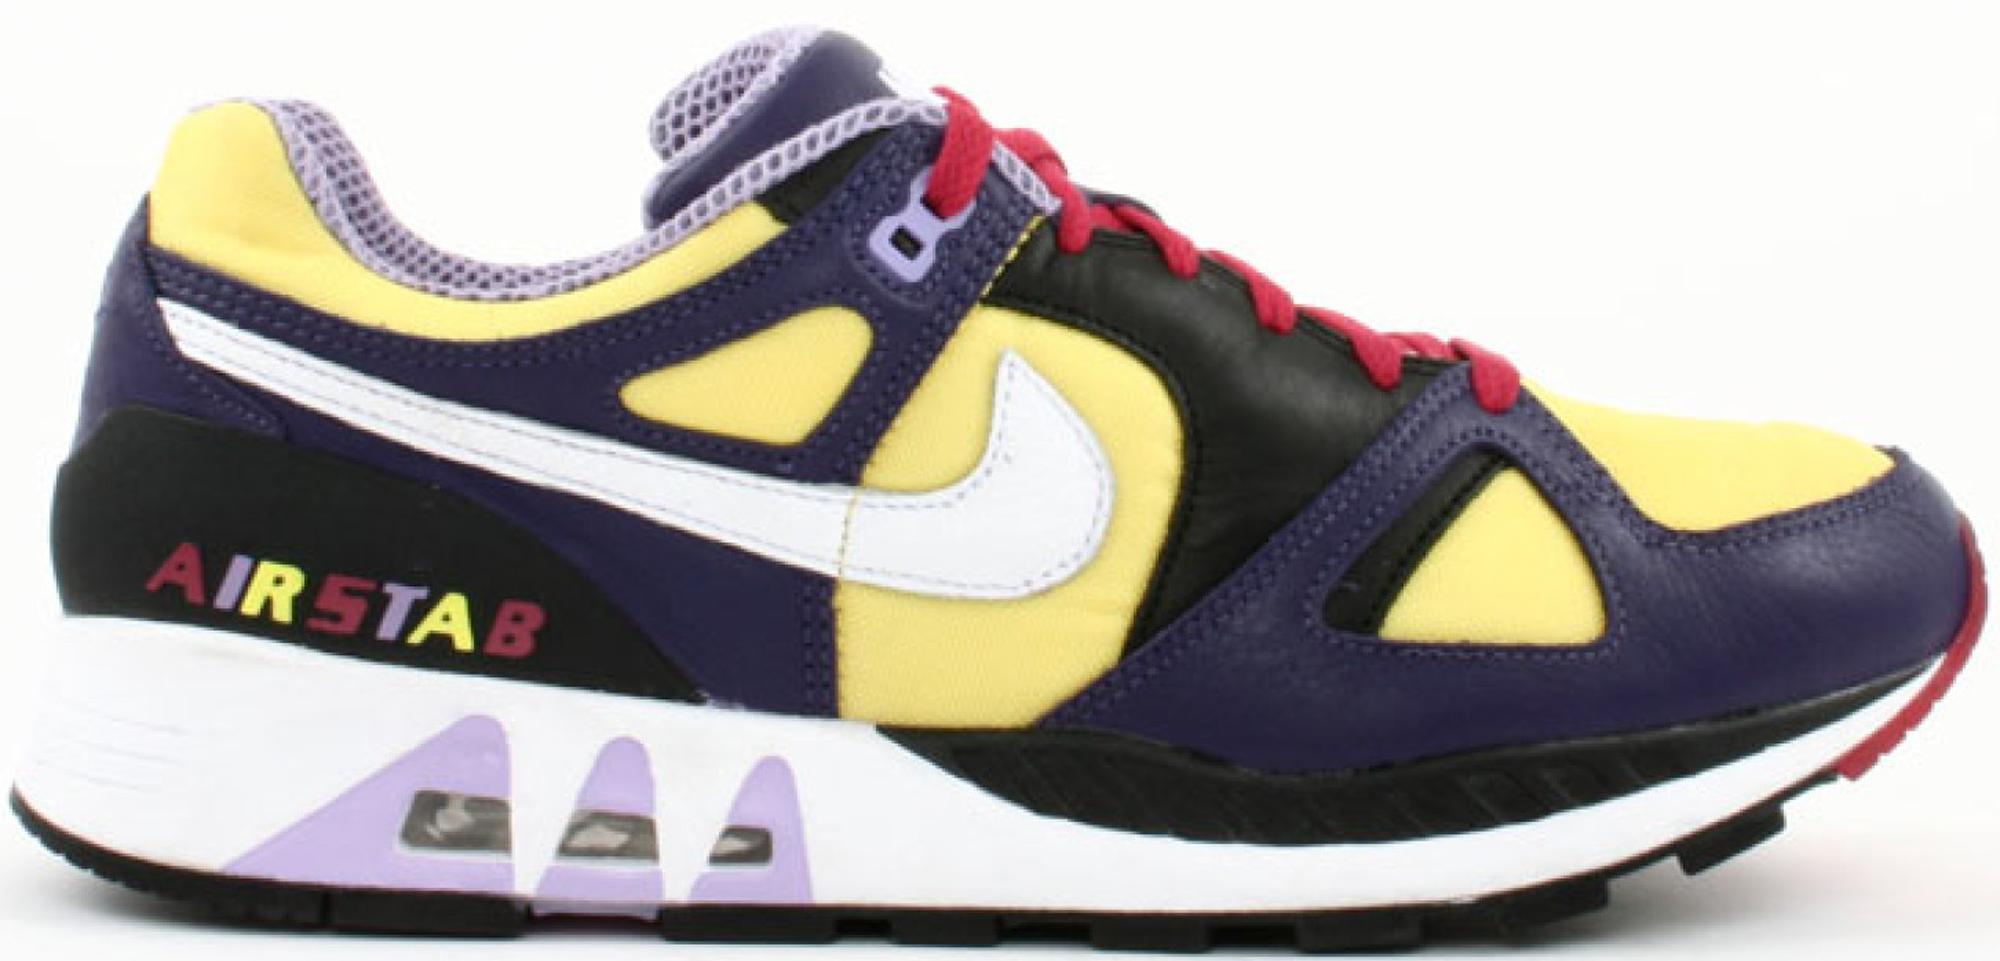 Nike Air Stab Clerks Pack - 314189-711